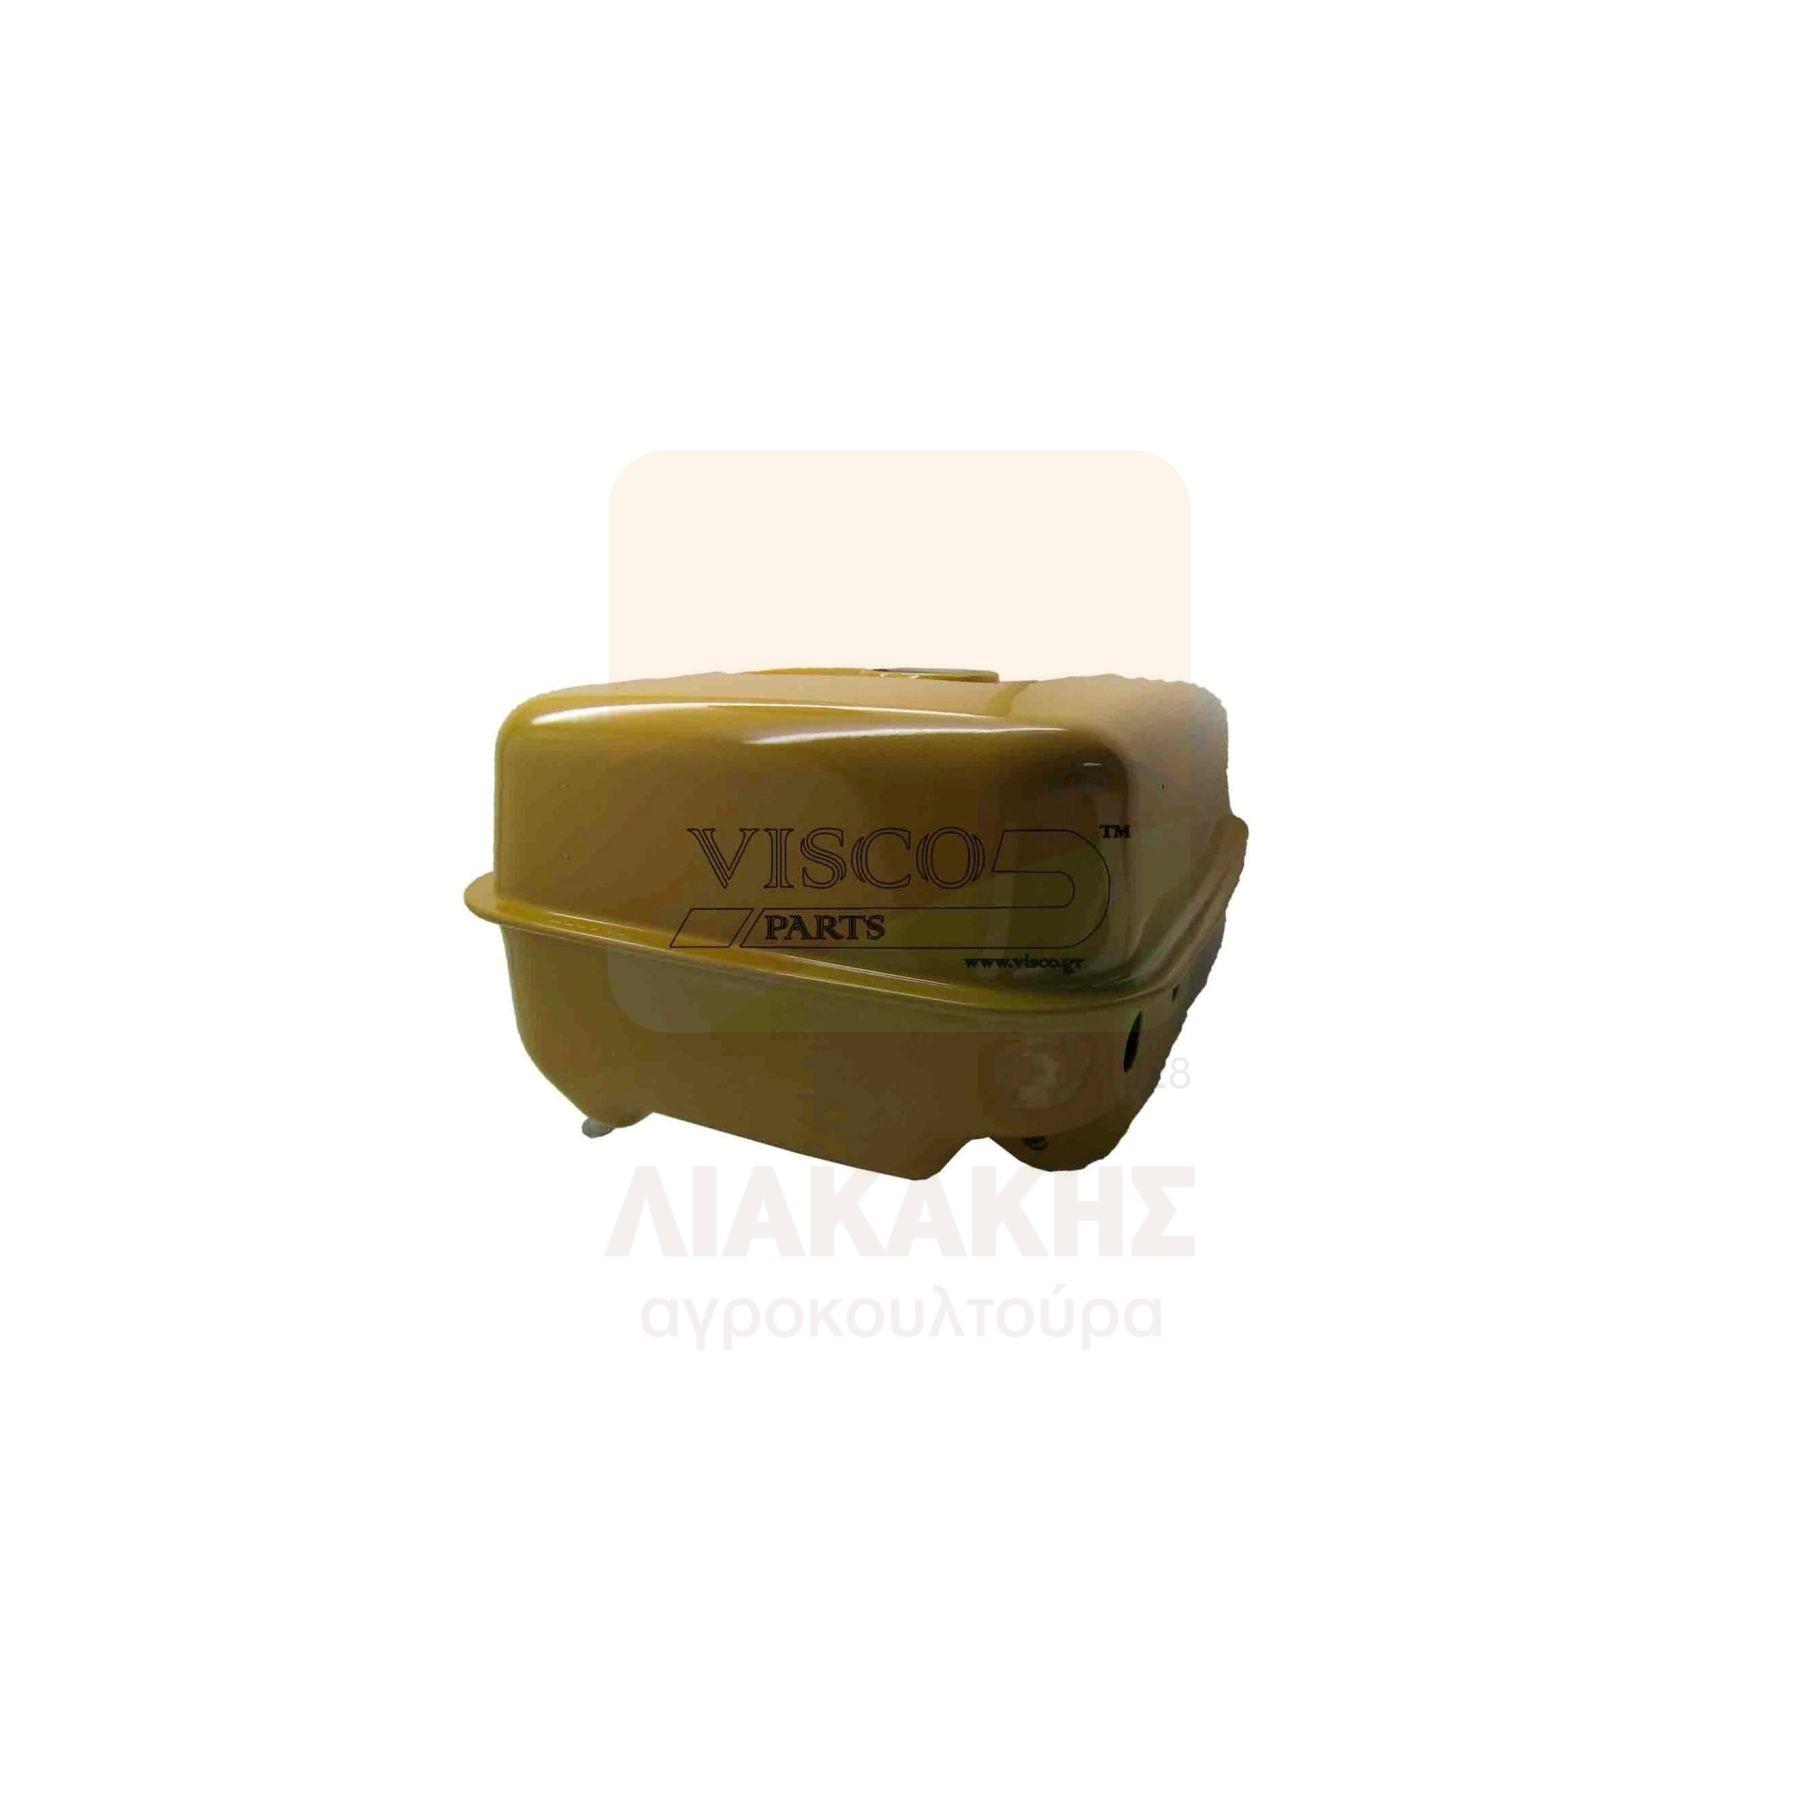 ΔΚΘ-028 Δοχείο Καυσίμου Κινητήρων ROBIN ΕX 35-40 12.0-14.0 HP